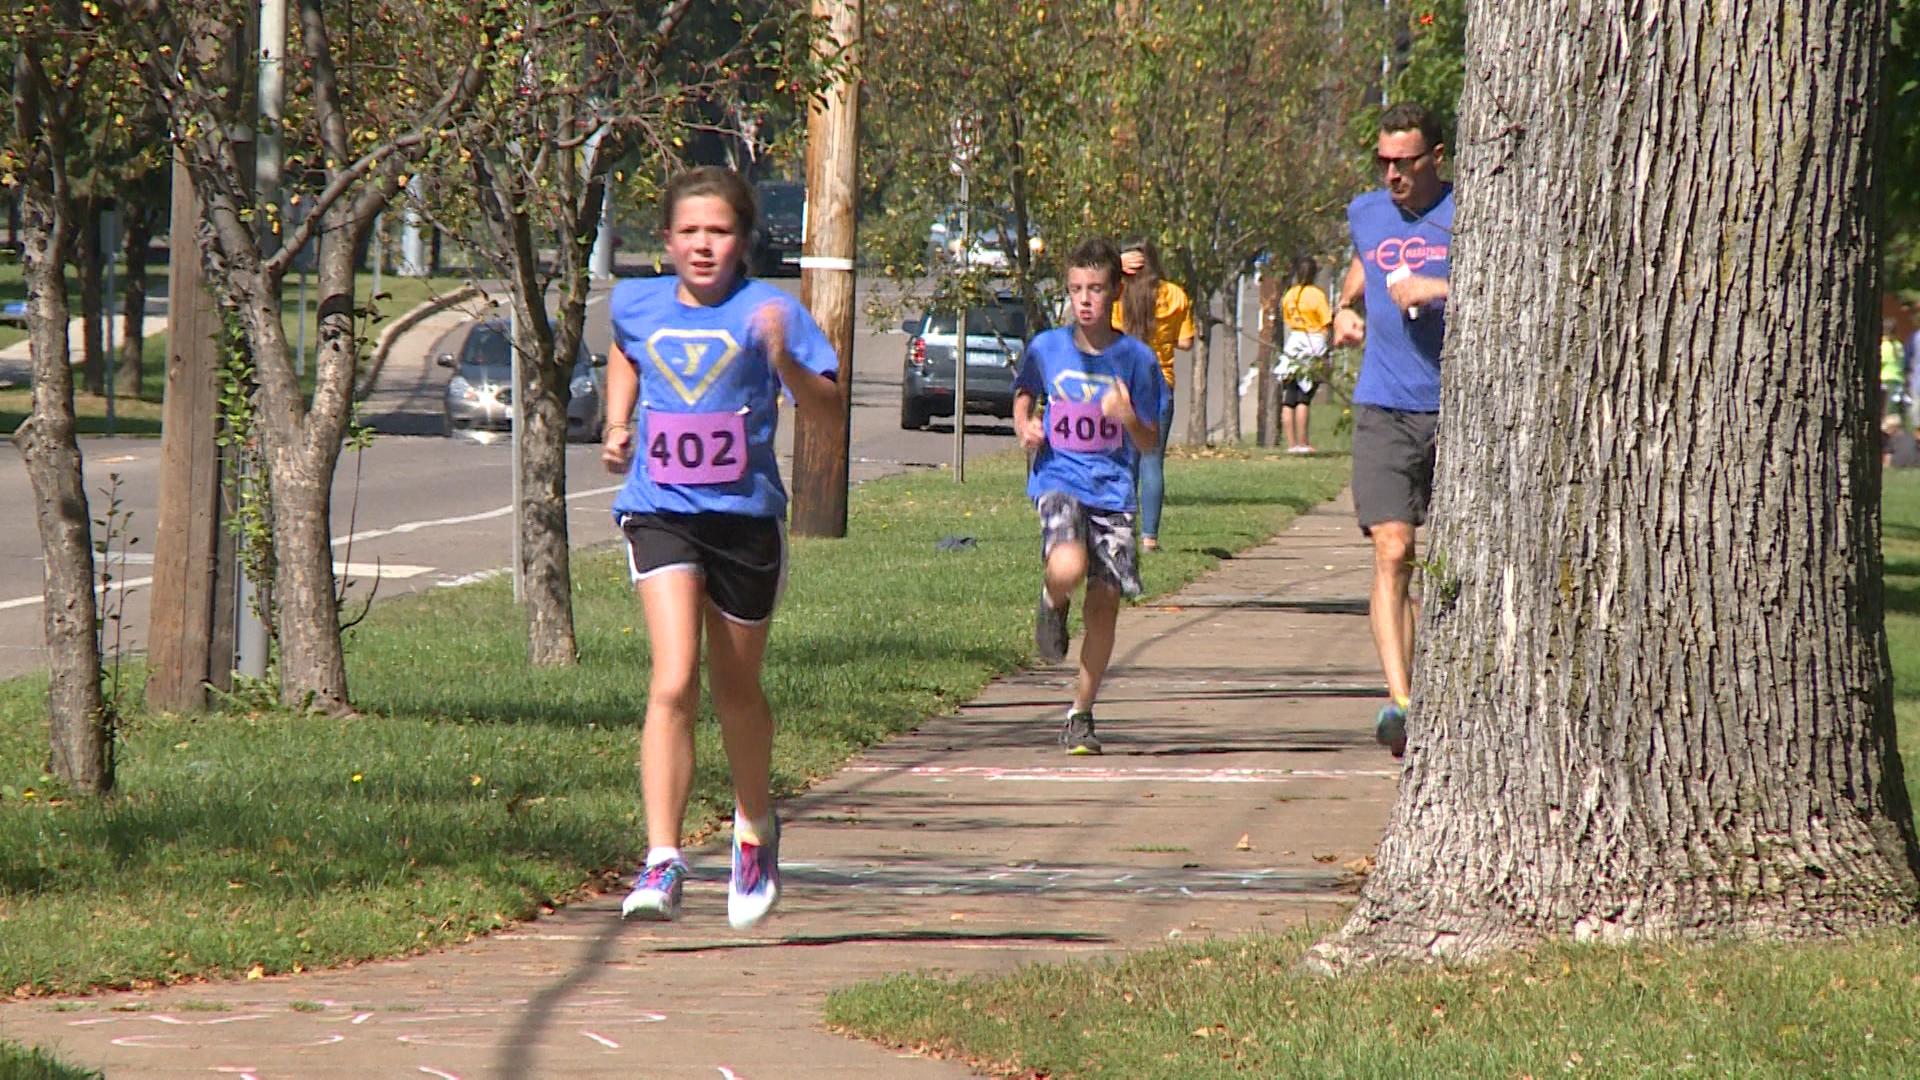 The 13th annual Granite Bay Triathlon, Duathlon, & 1 Mile Kids Run